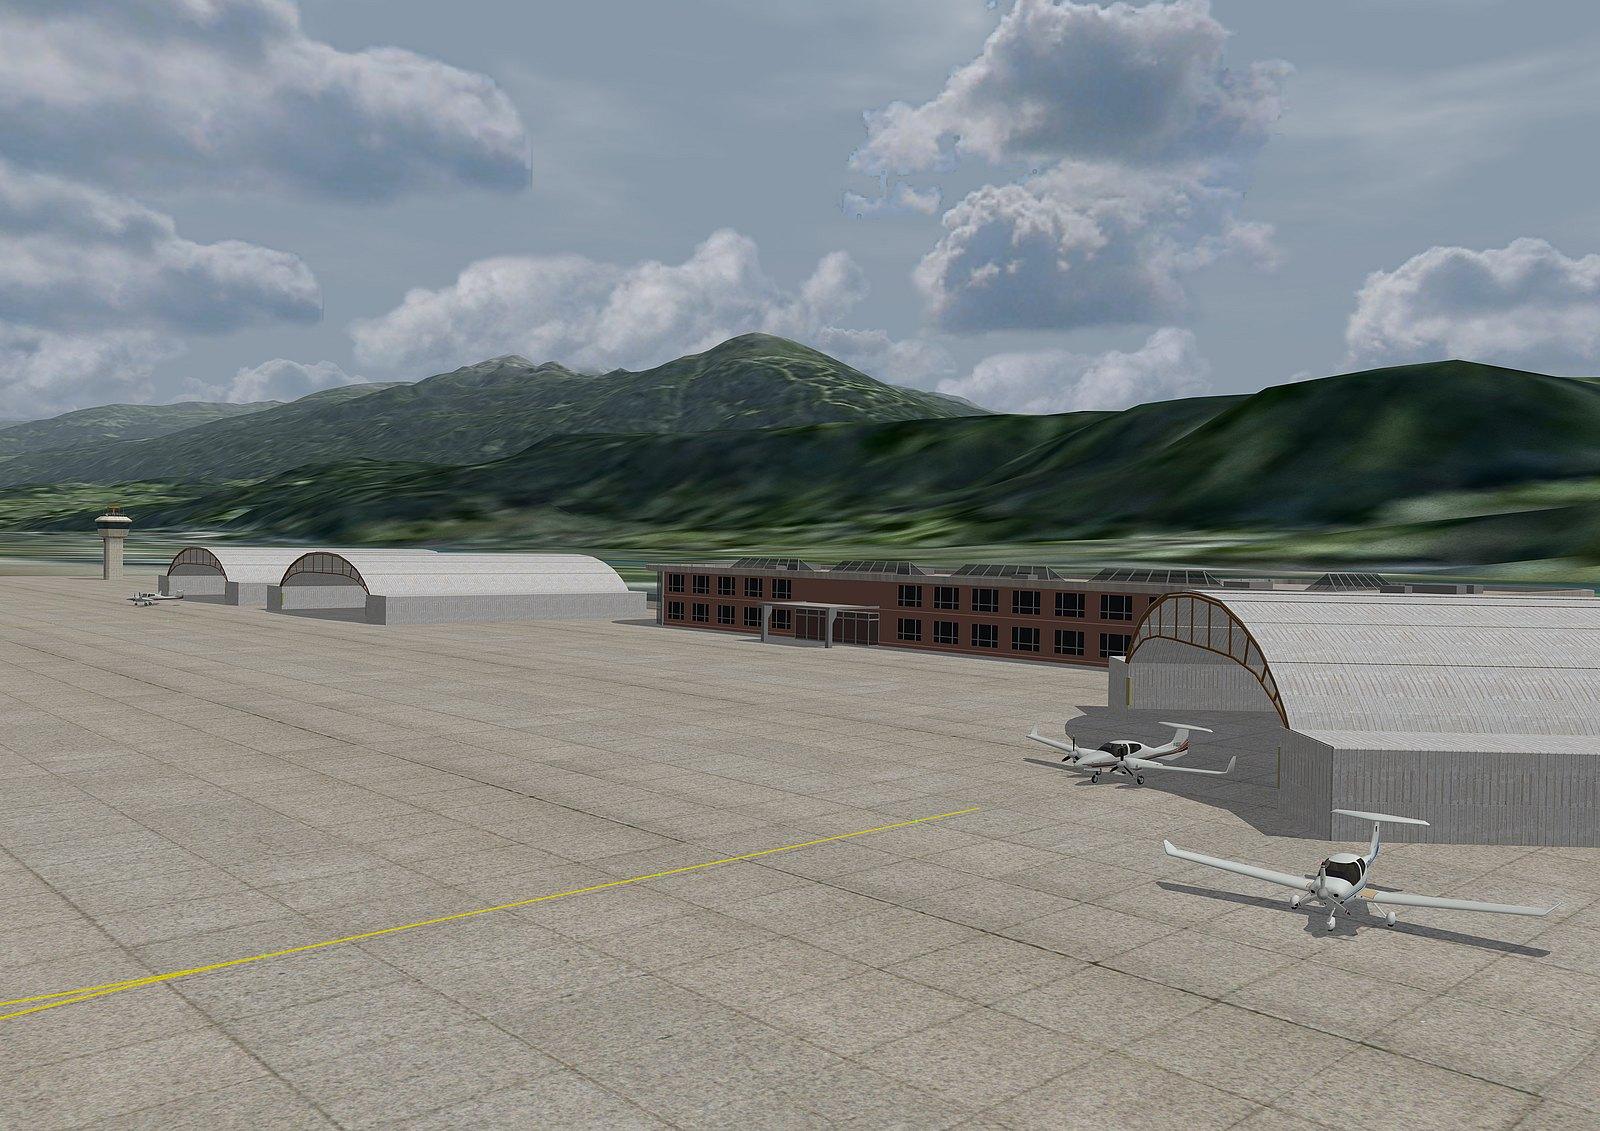 Diamond Flight Simulator – As real as it gets - Diamond